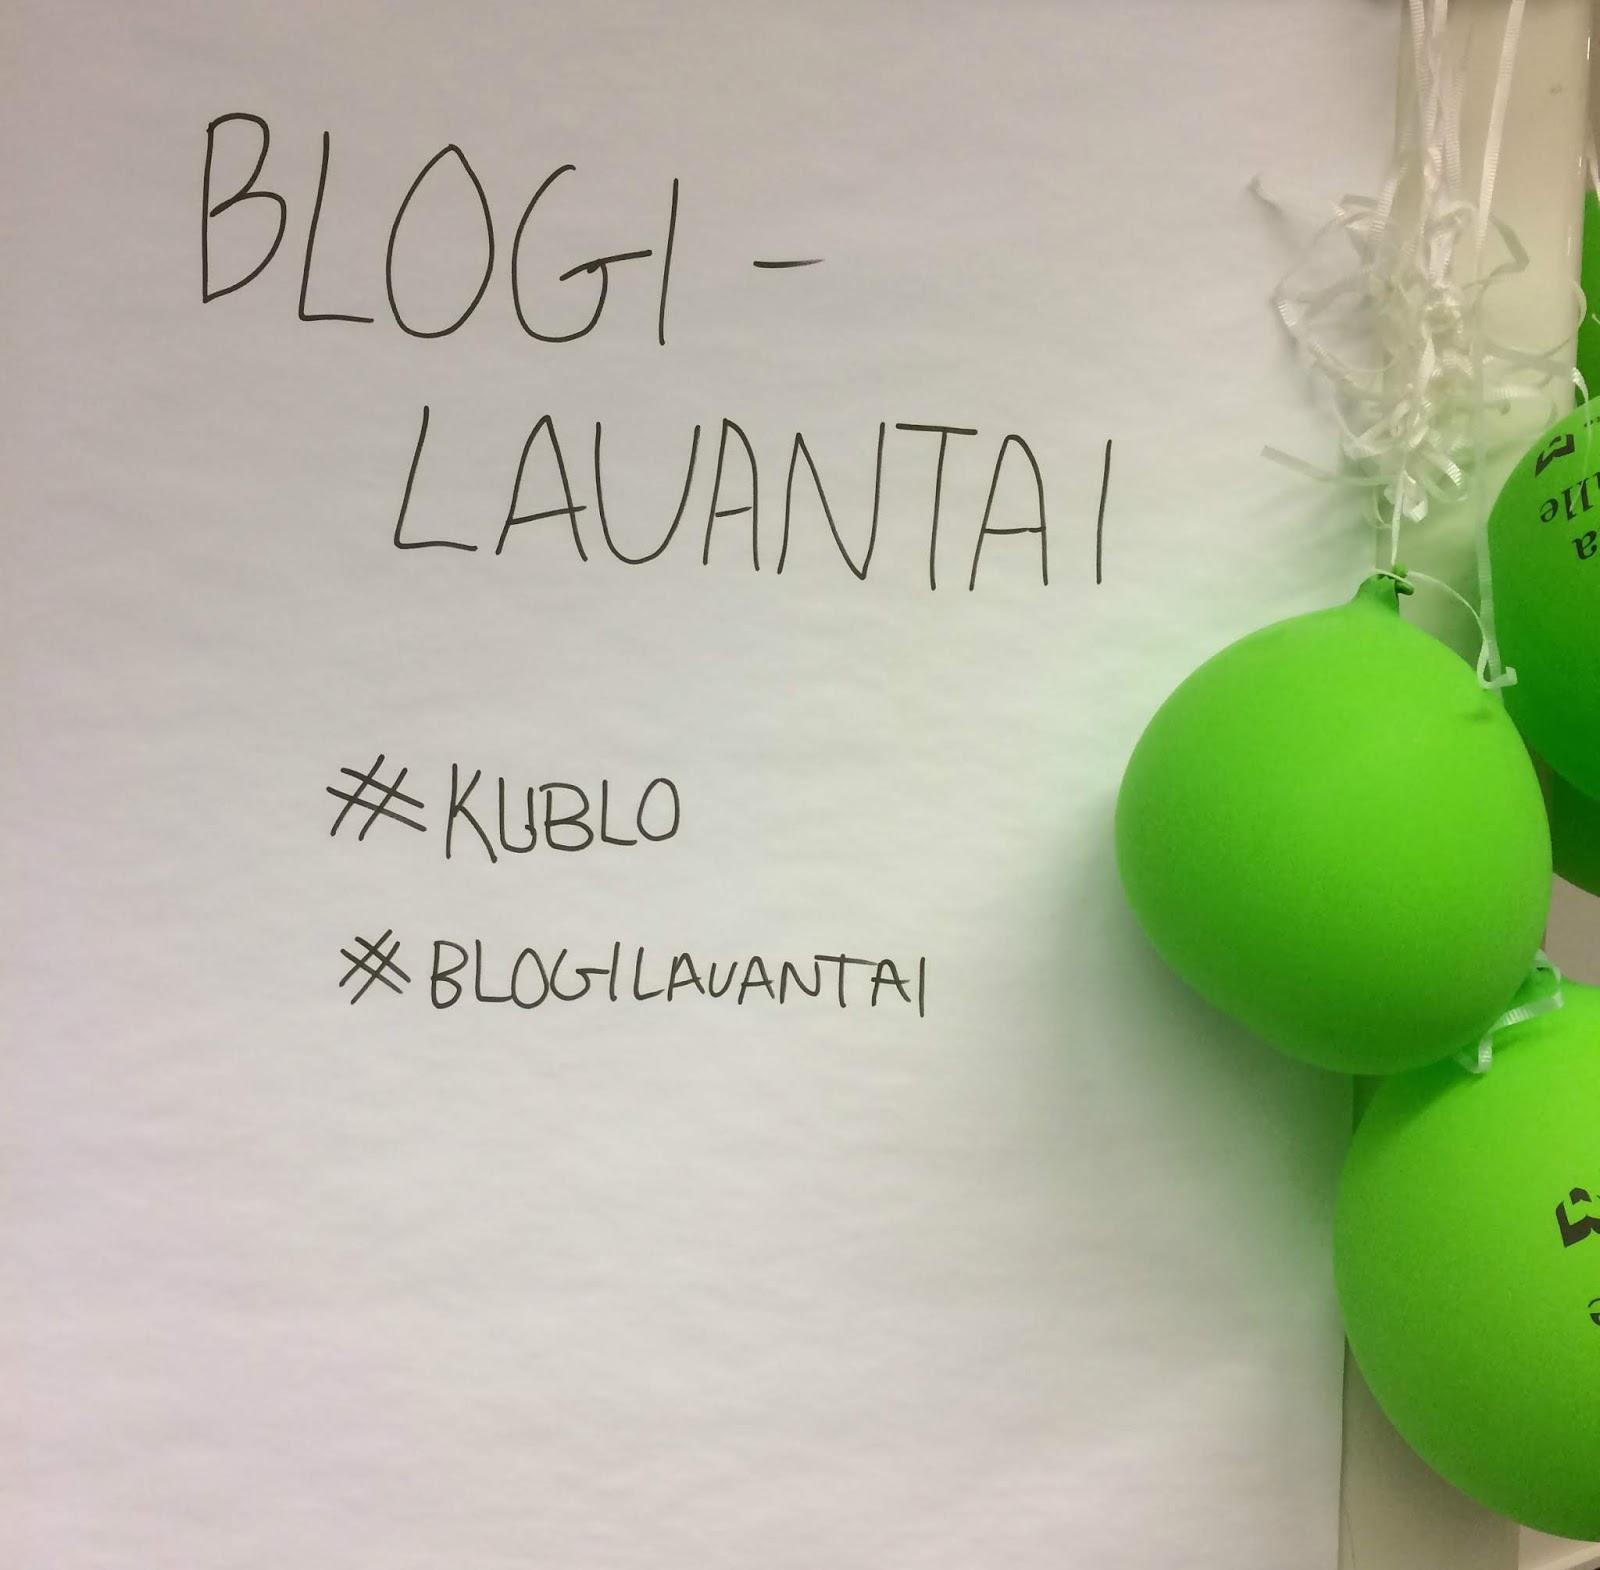 Terveisiä Blogilauantaista! Viisi ajatusta bloggaamisesta -blogihaaste